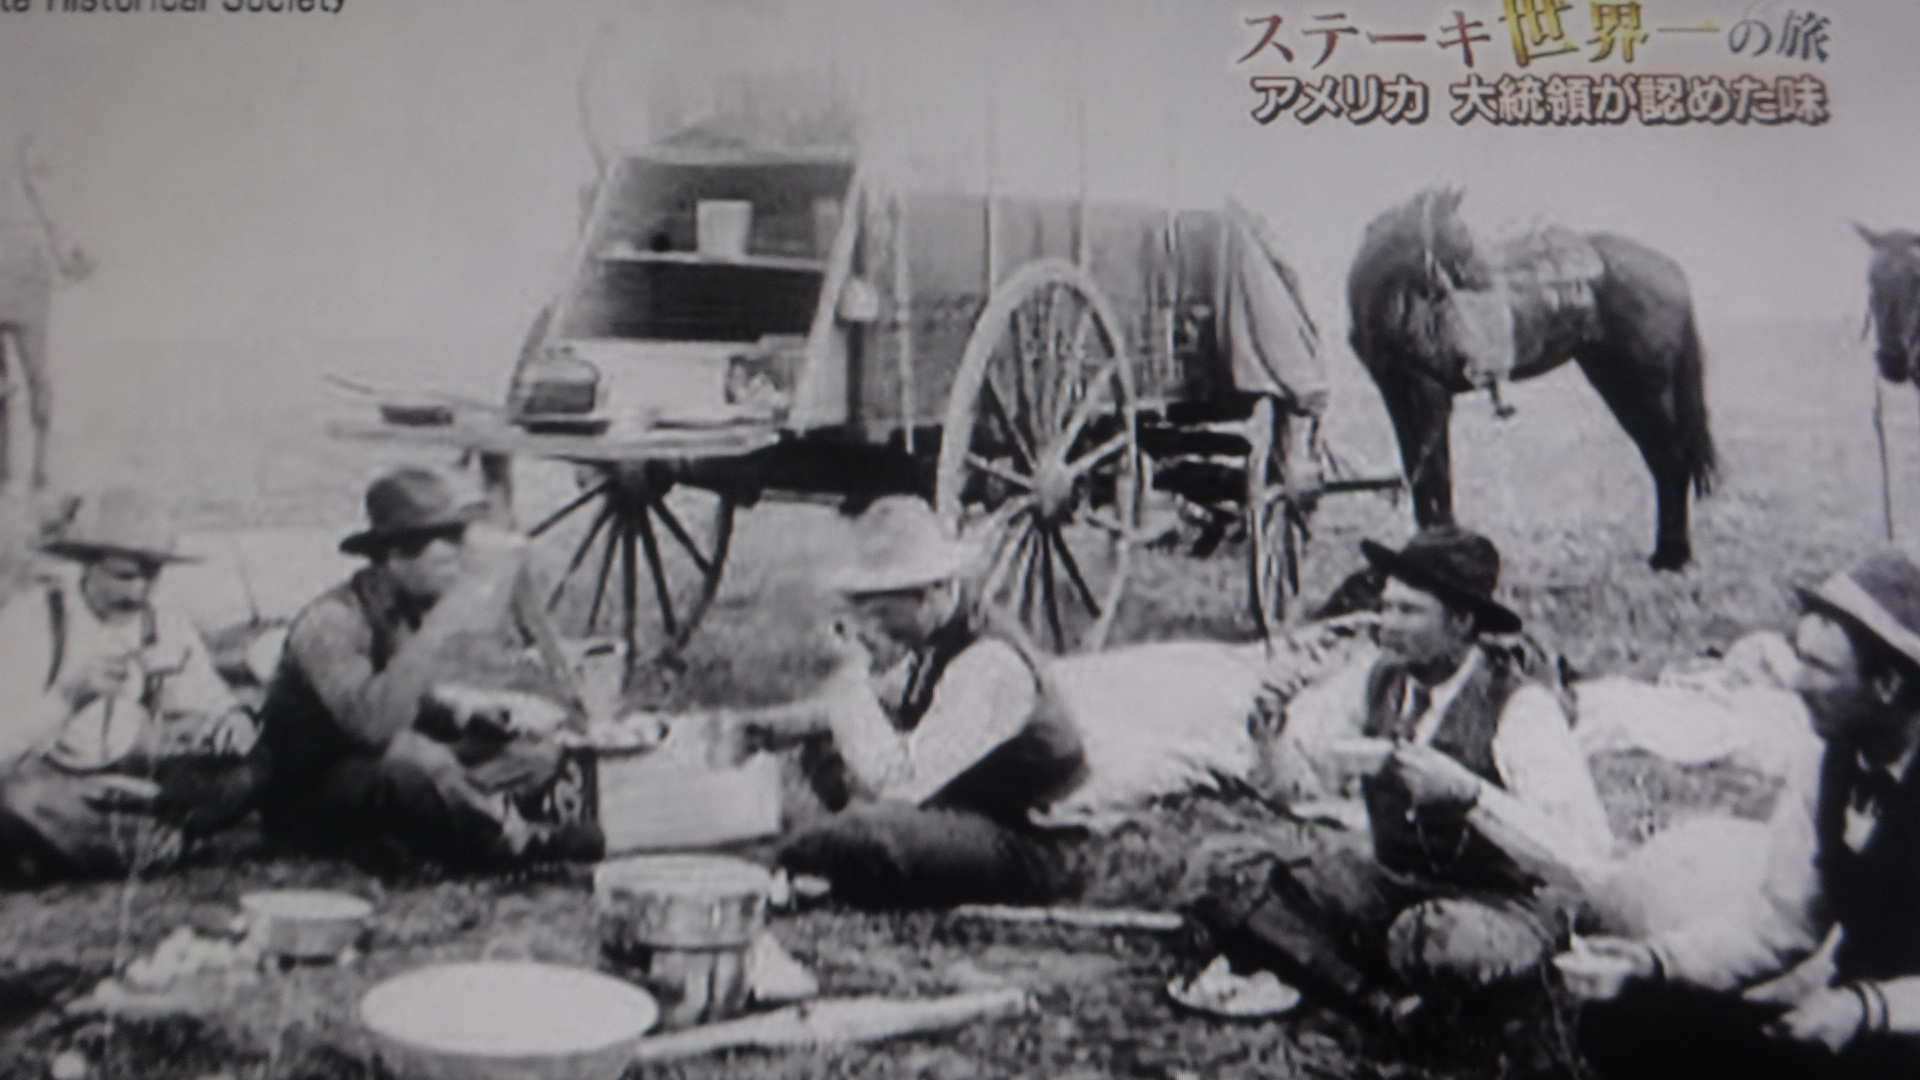 昔のカウボーイが屋外で食事している写真